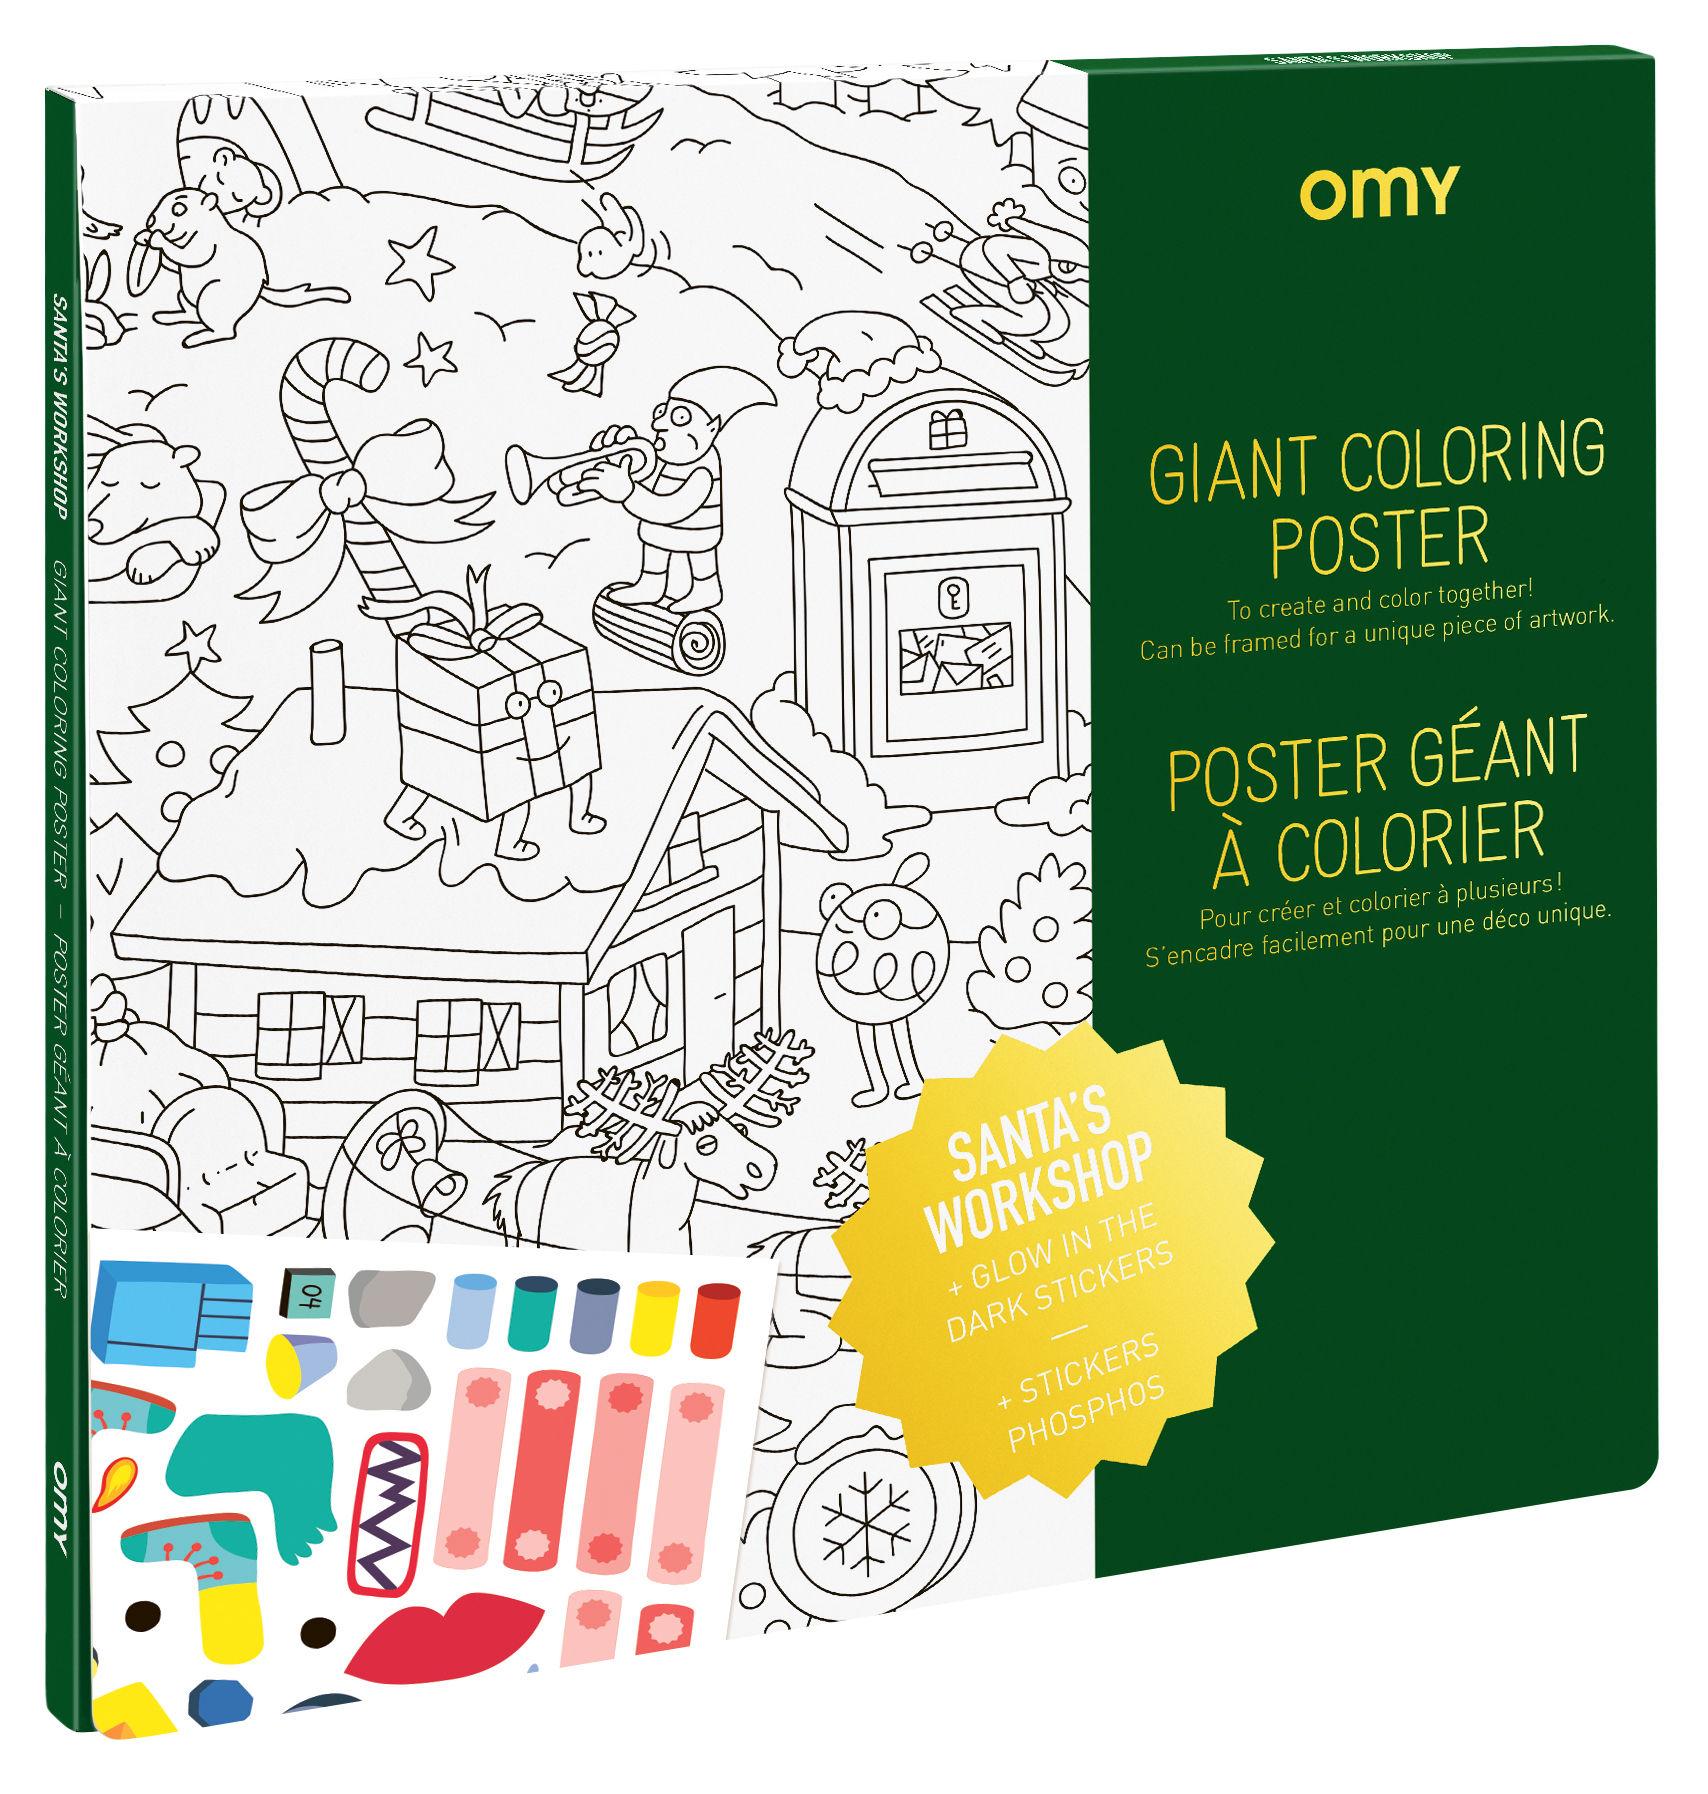 Decoration - Children's Home Accessories - L'atelier du Père-Noël Colouring poster - / 100 x 70 cm – With phosphorescent stickers by OMY Design & Play - Christmas workshop - Papier recyclé